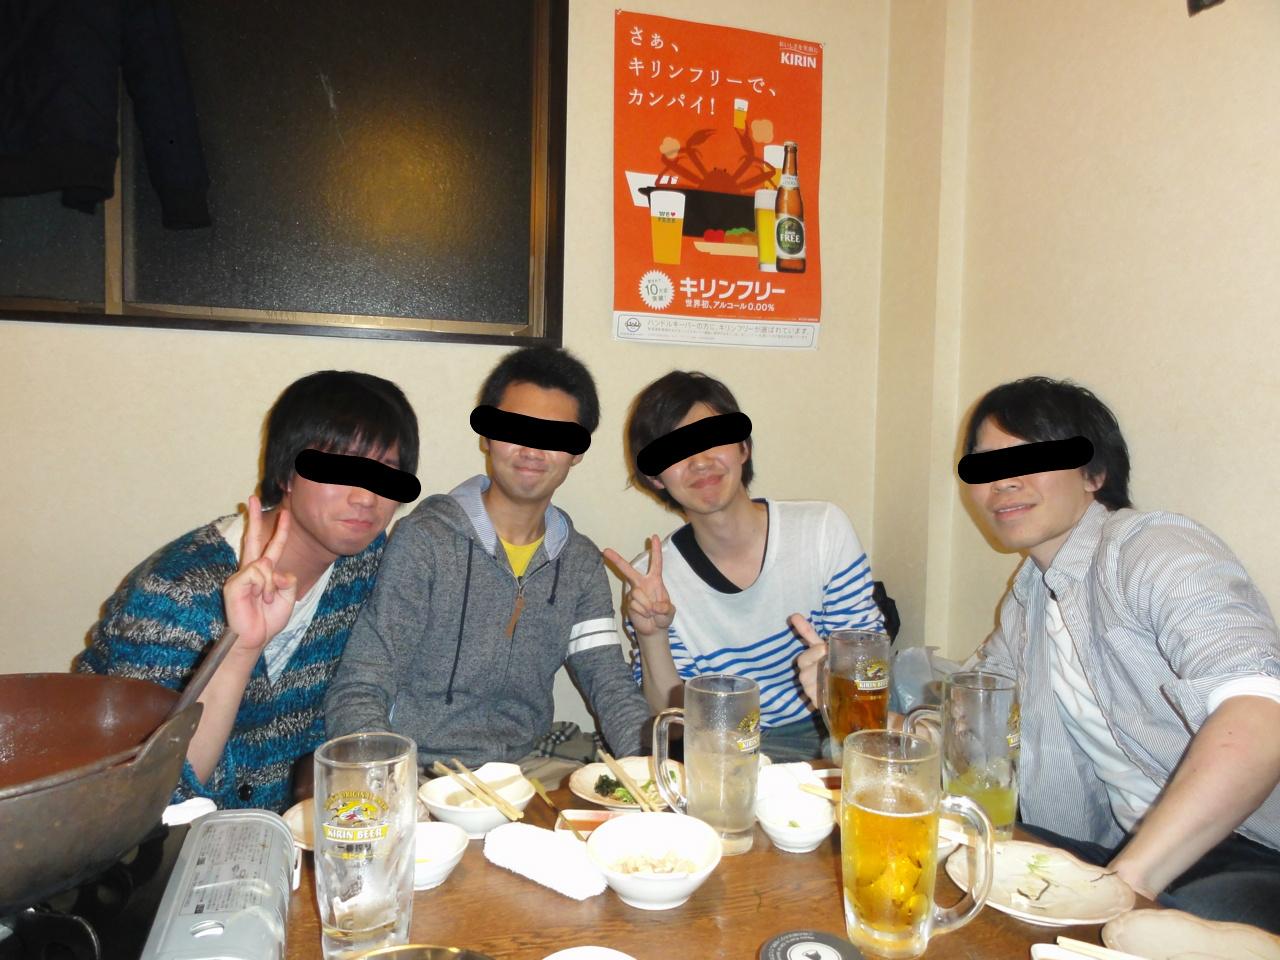 f:id:M-I-5:20120324200253j:image:w320